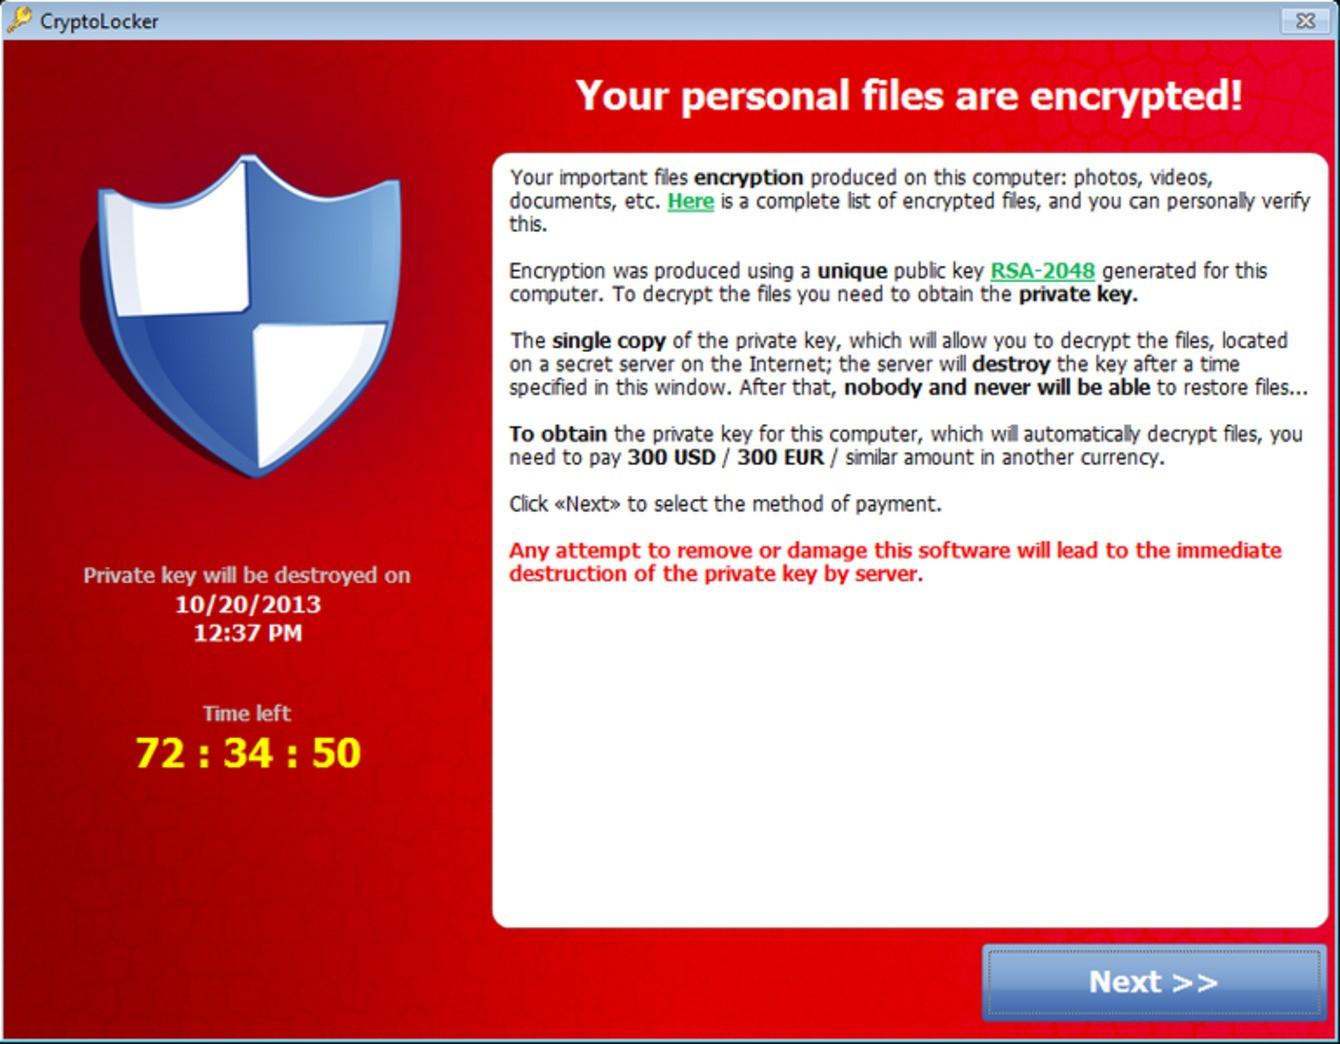 1447807840_cryptolocker.jpg